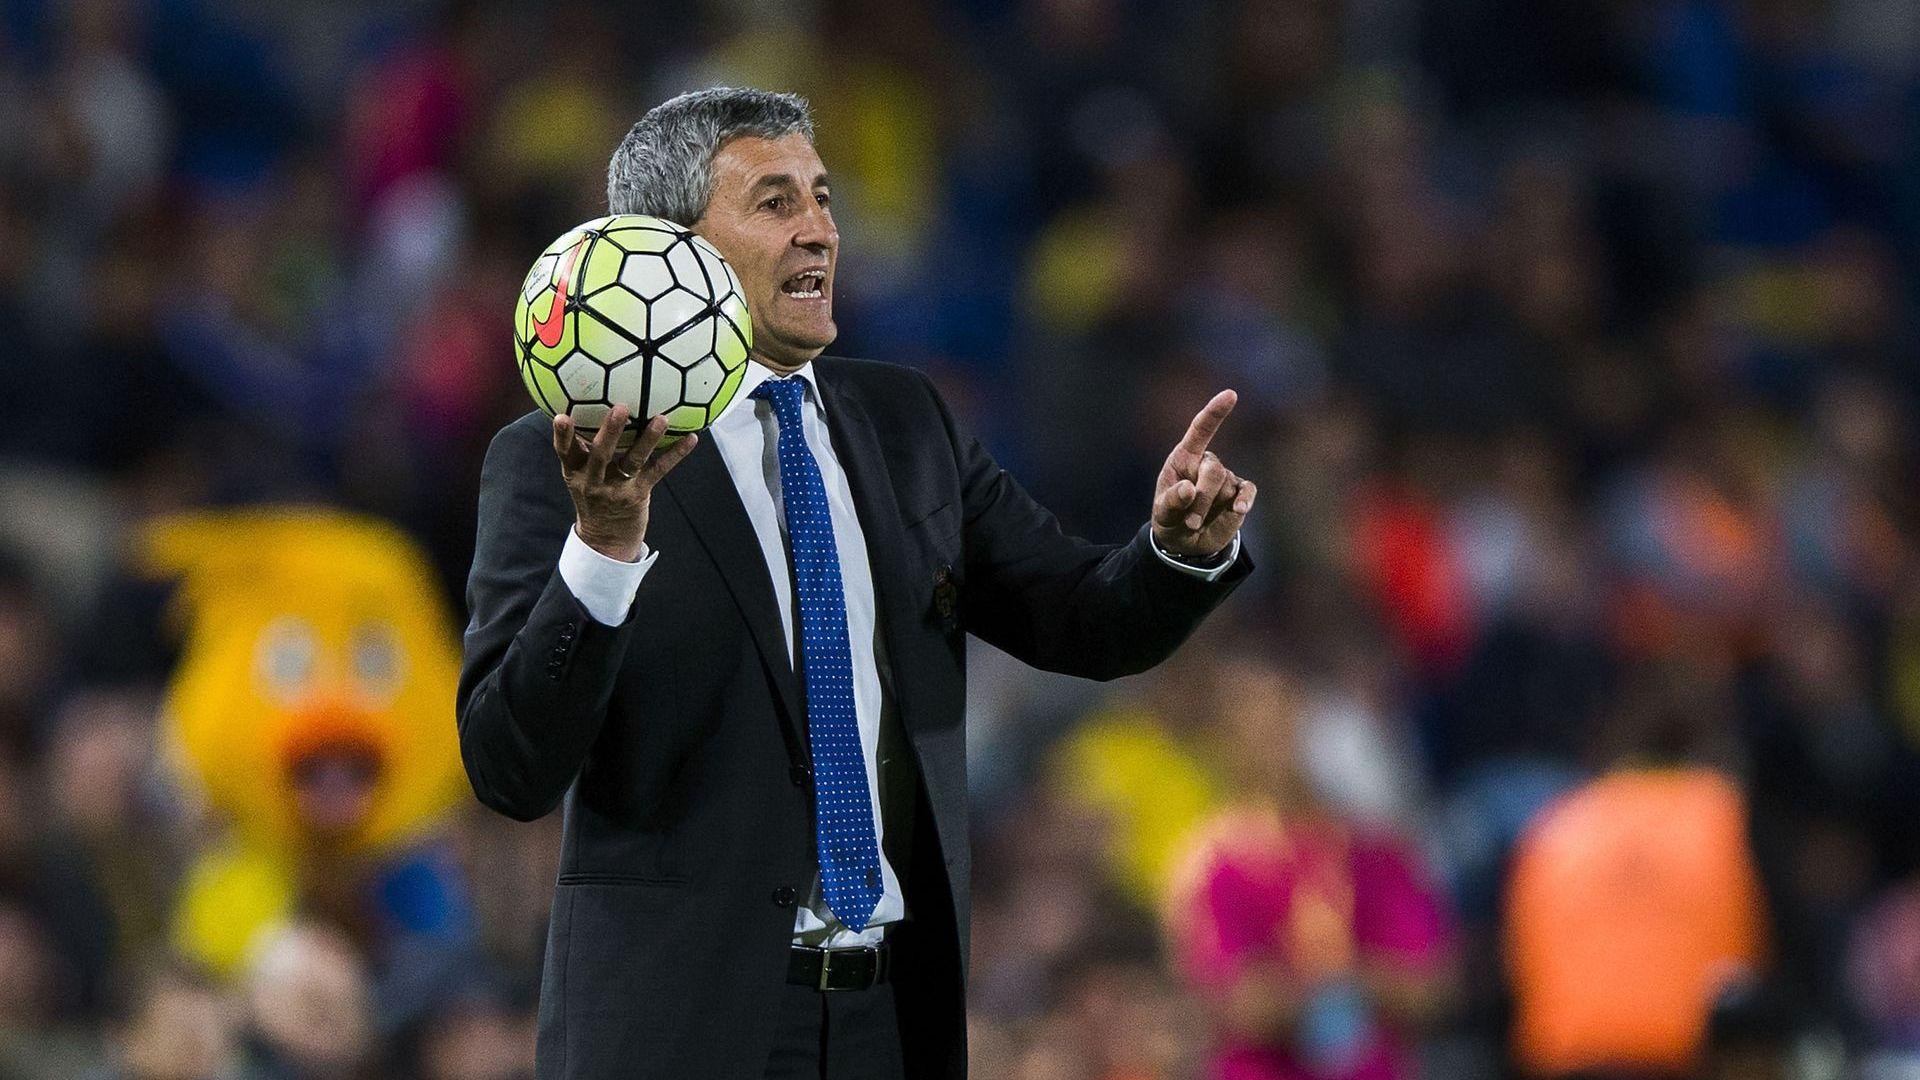 Треньорът на Барса съзря предимство за противниците в петте смени